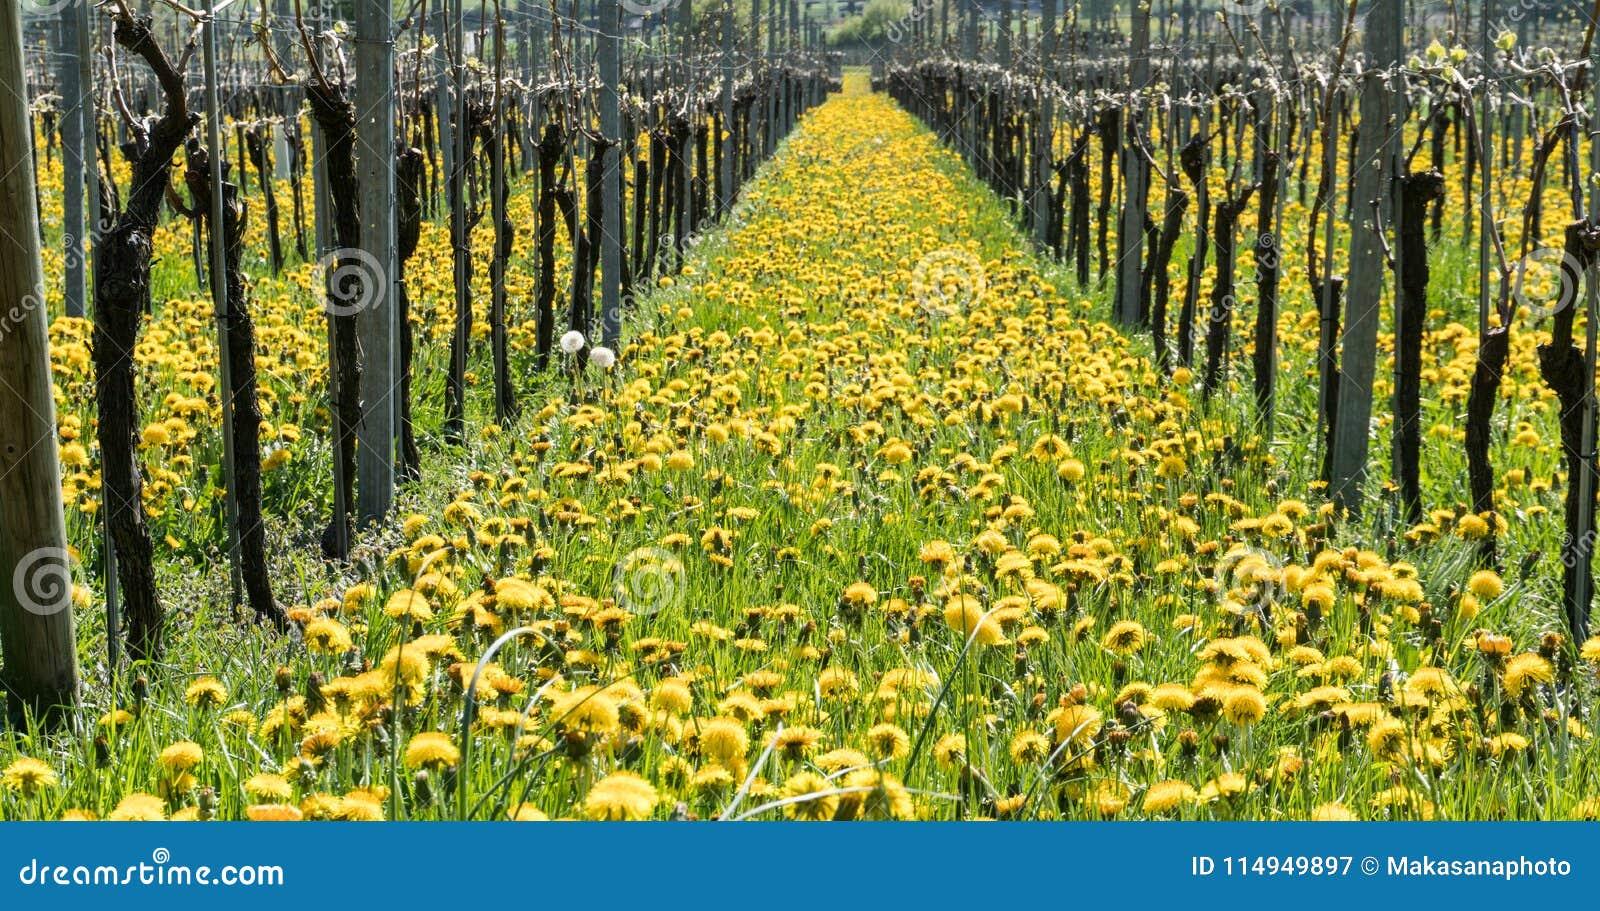 Vista maravillosa de viñedos en primavera con las flores amarillas y filas sin fin de vides